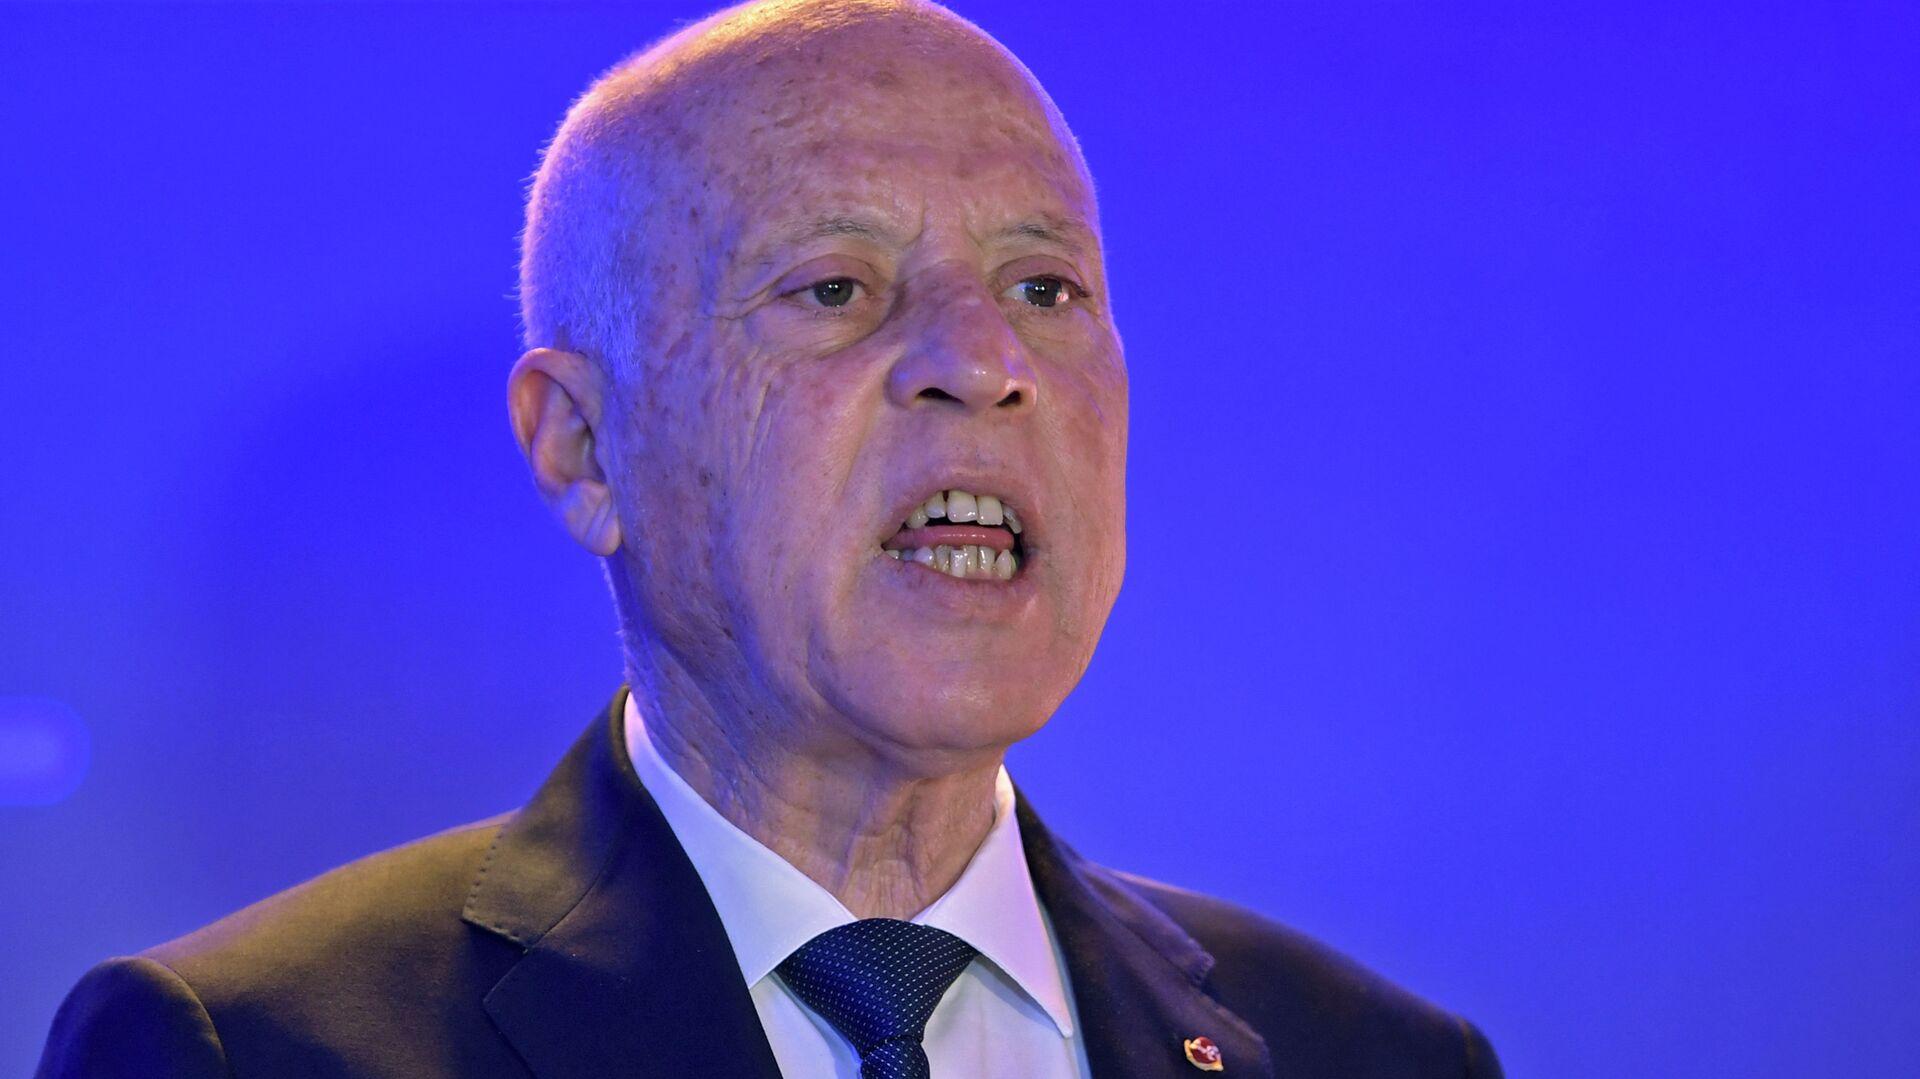 الرئيس التونسي قيس سعيد في تونس 22 مارس 2021 - Sputnik France, 1920, 14.09.2021